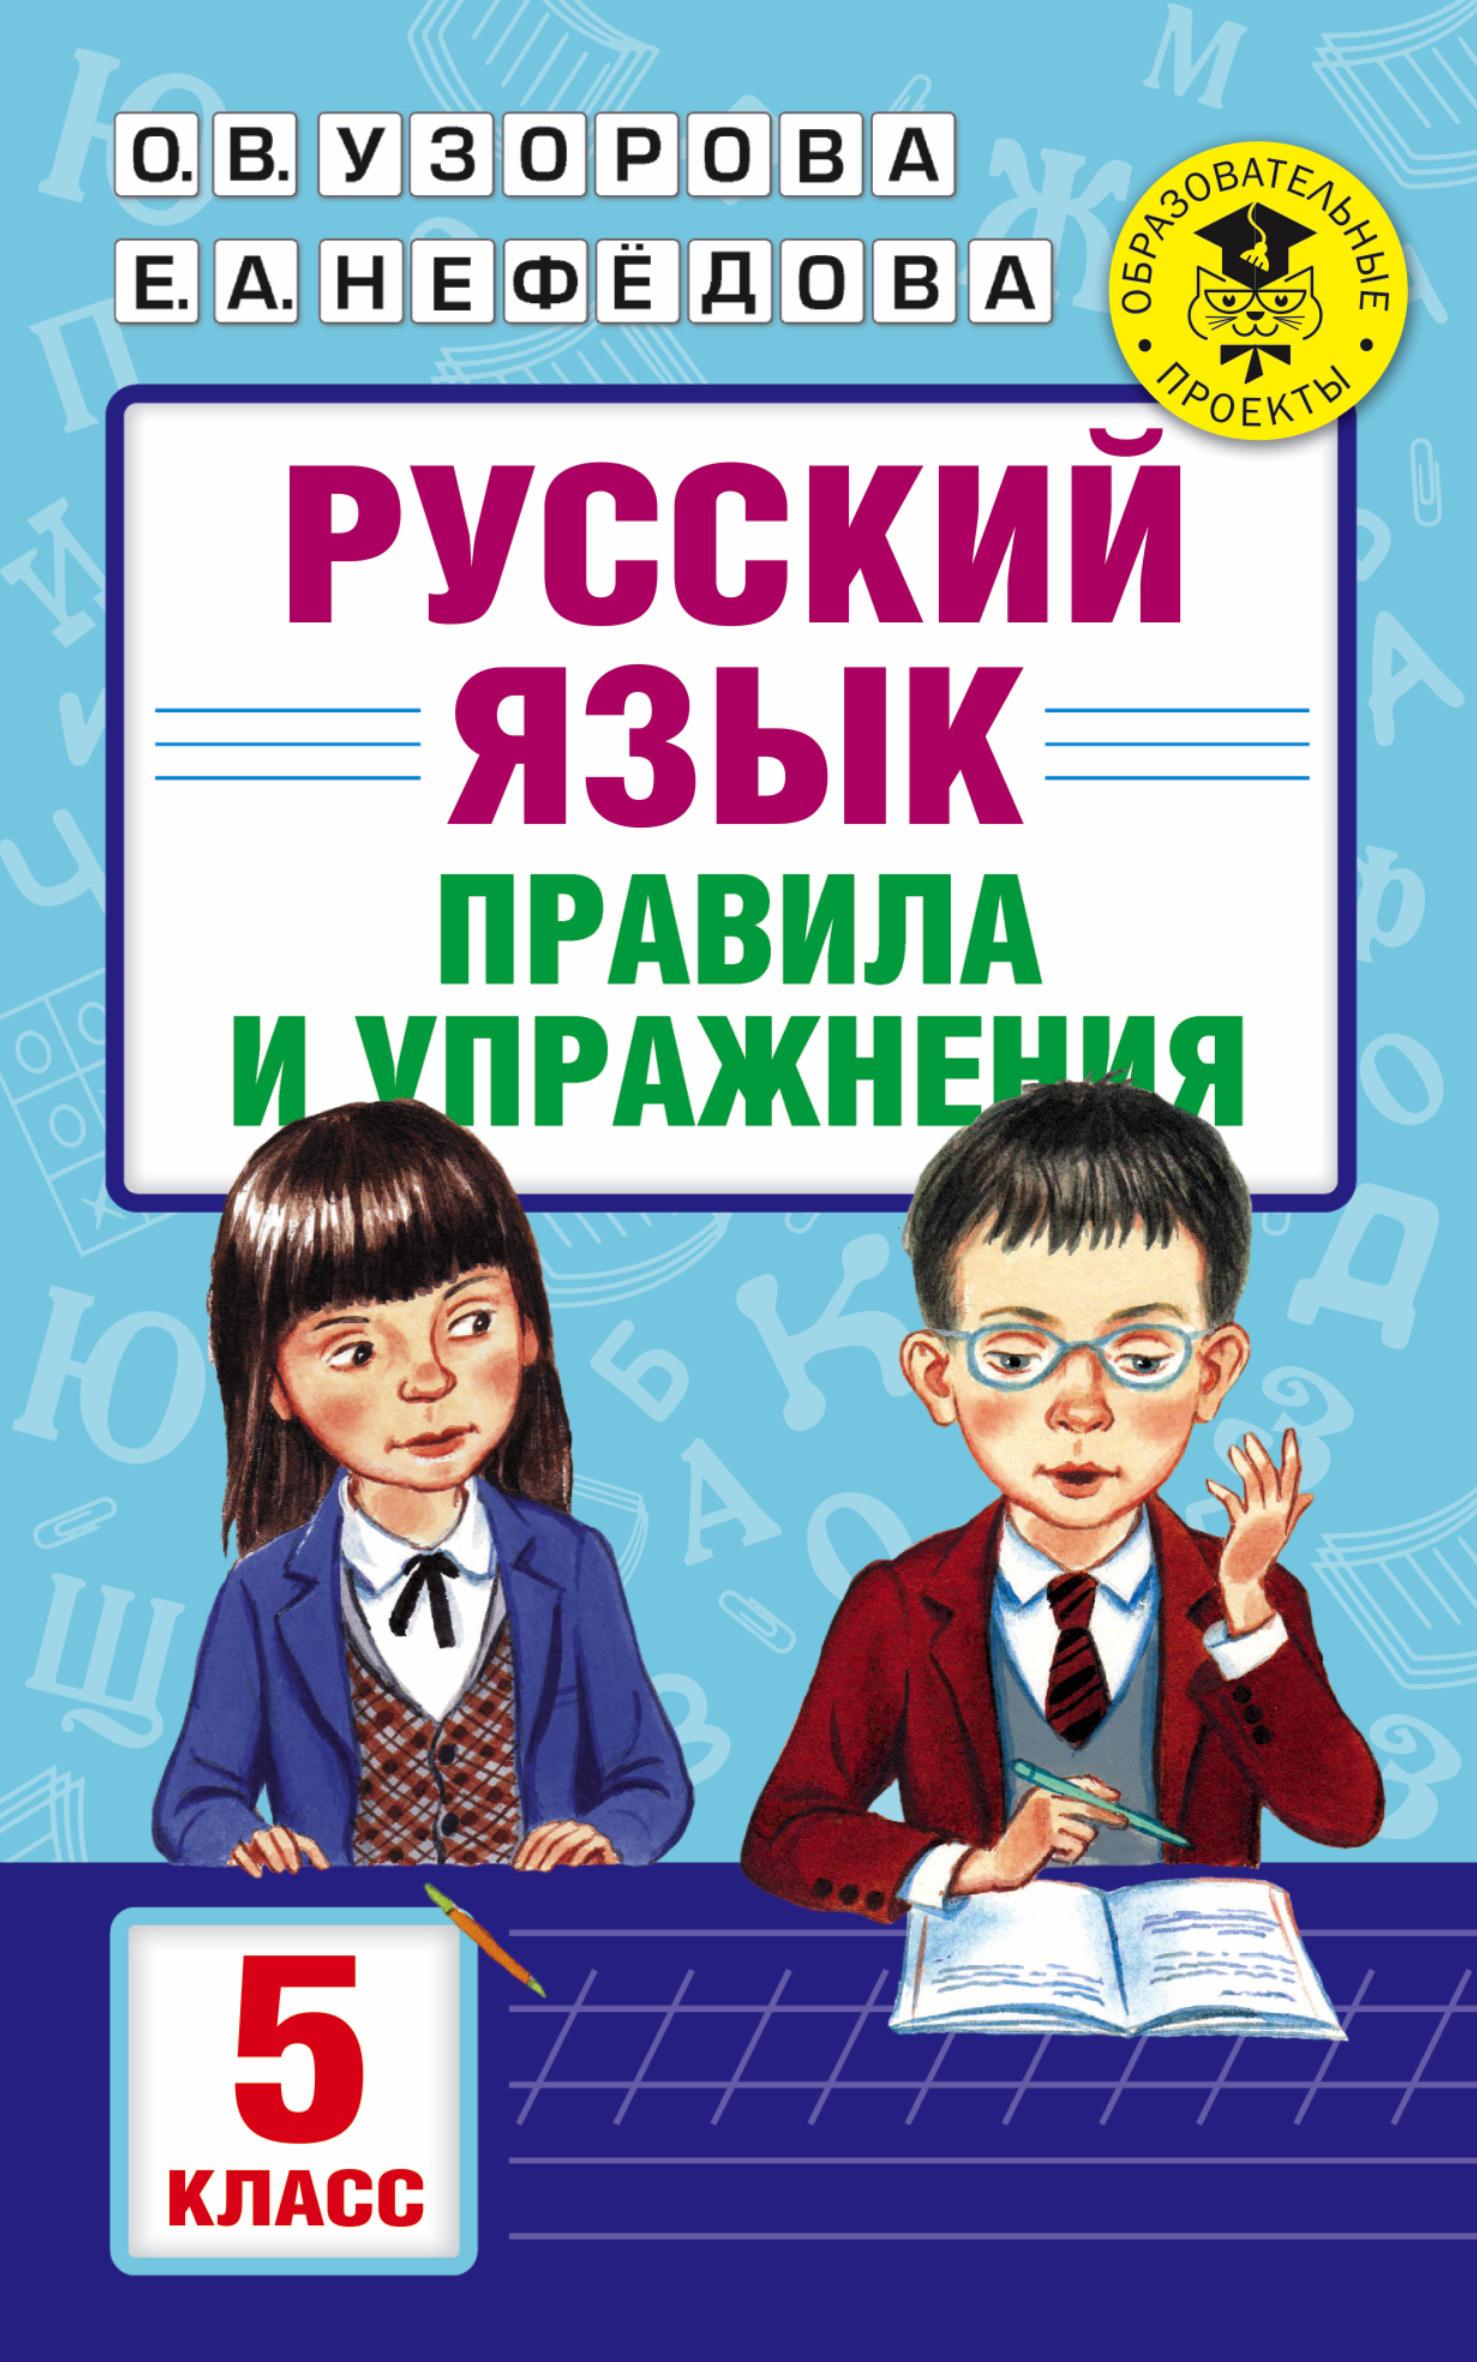 цена на О. В. Узорова Русский язык. Правила и упражнения. 5 класс